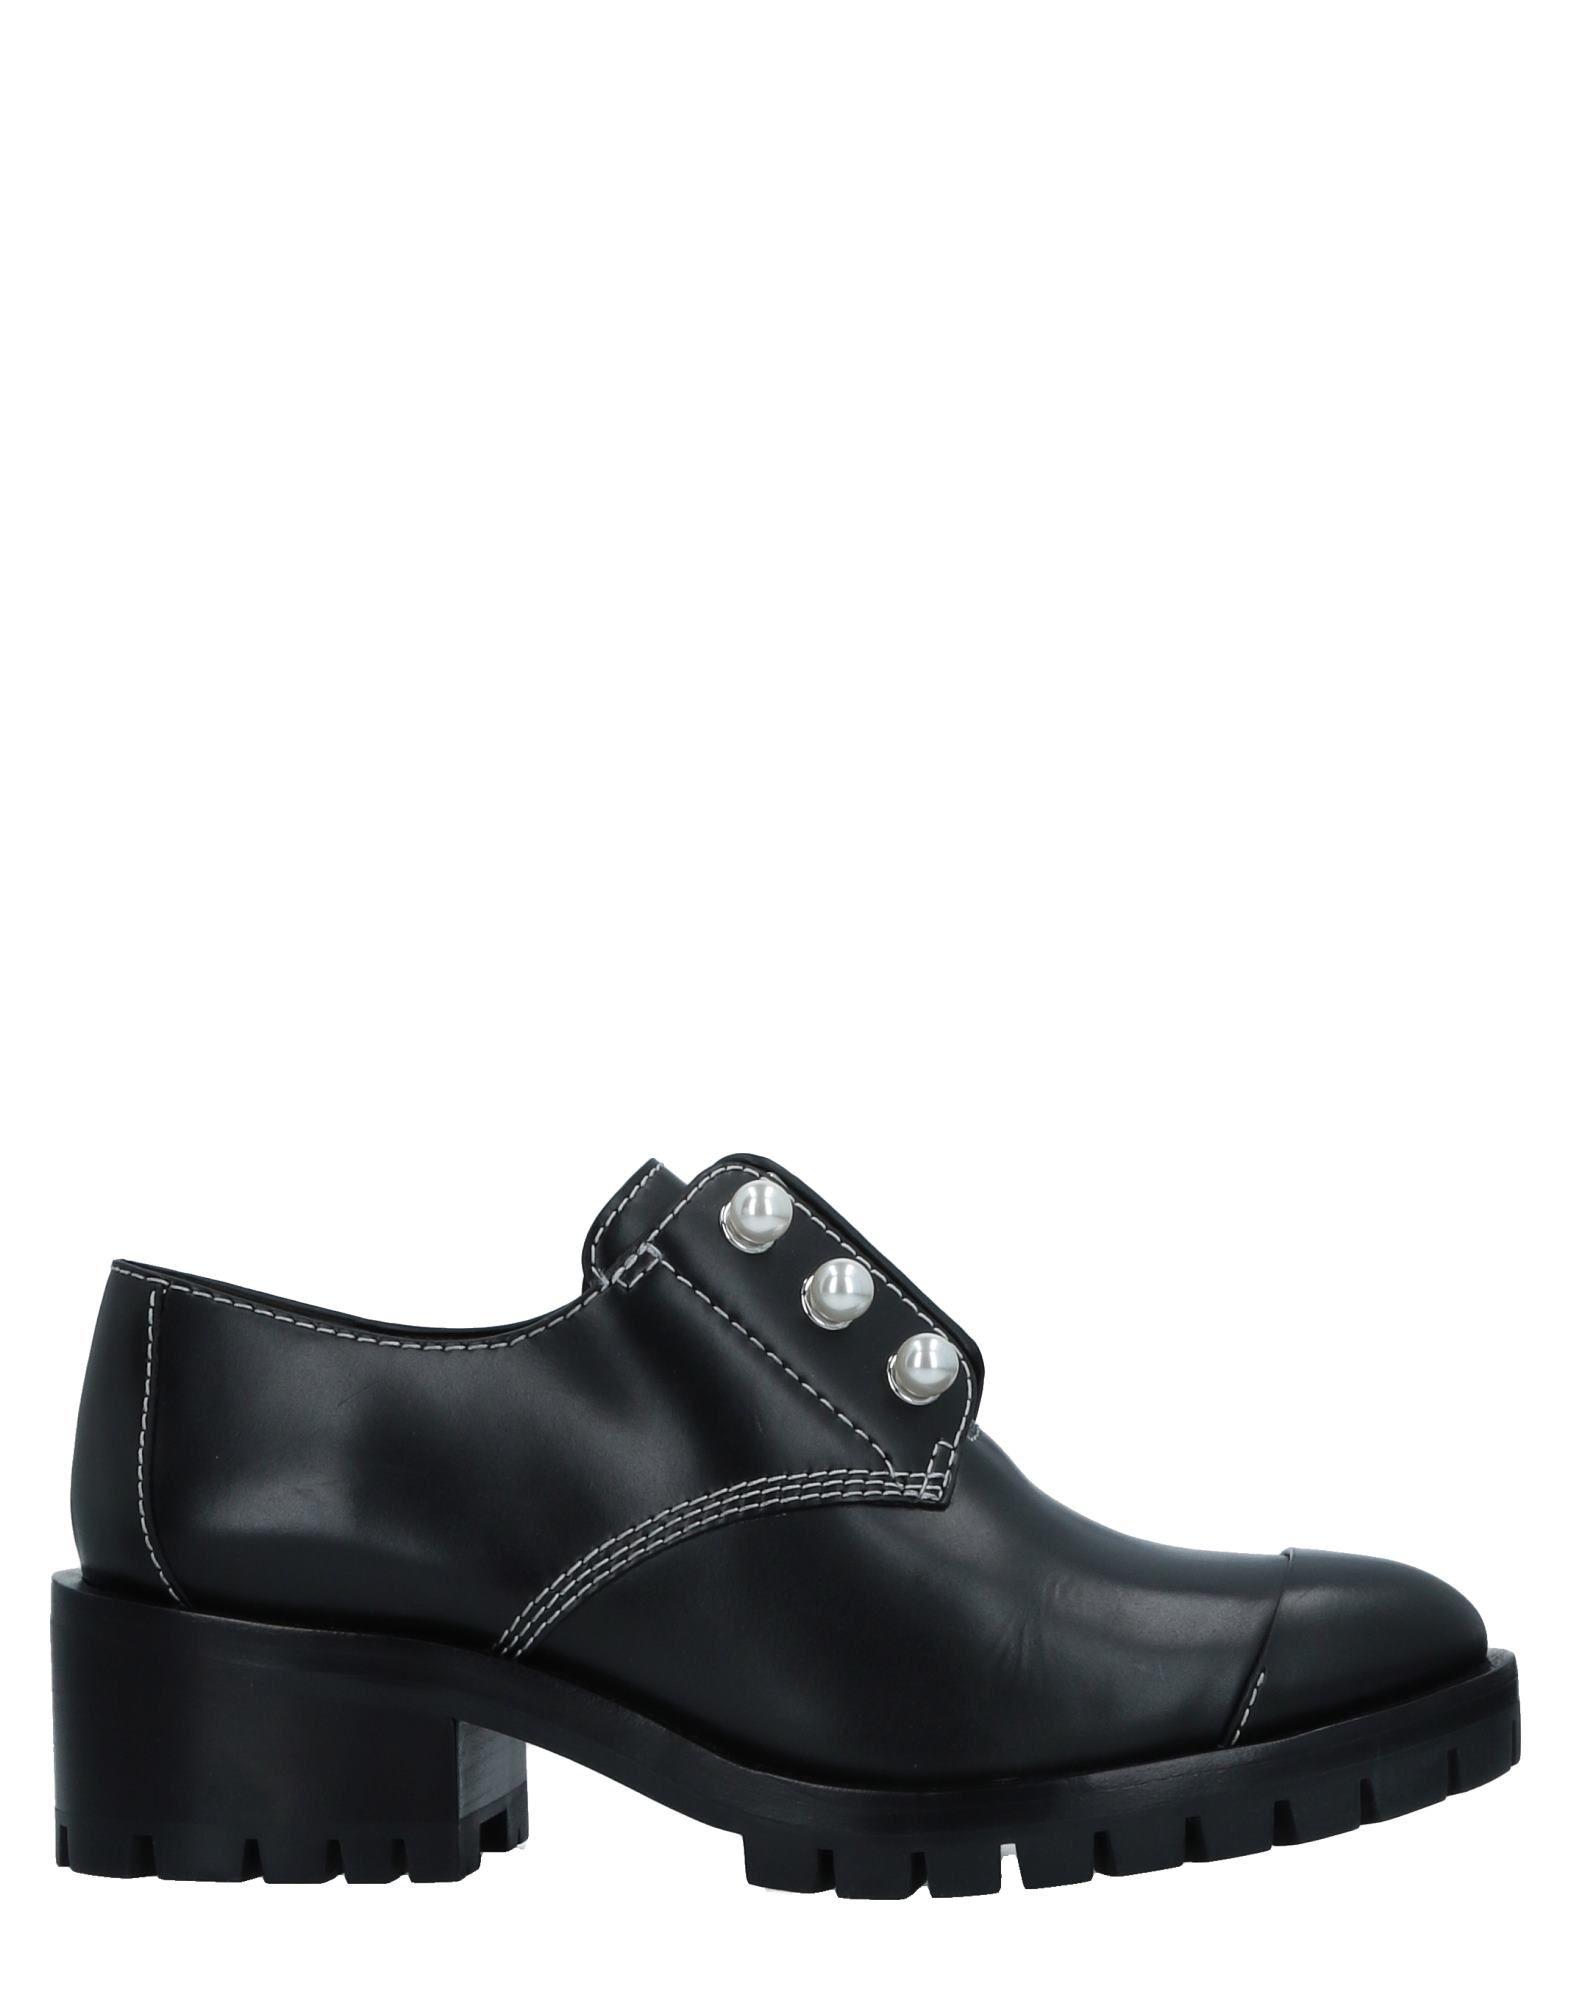 3.1 Phillip Lim Mokassins Damen  11515398GVGut aussehende strapazierfähige Schuhe